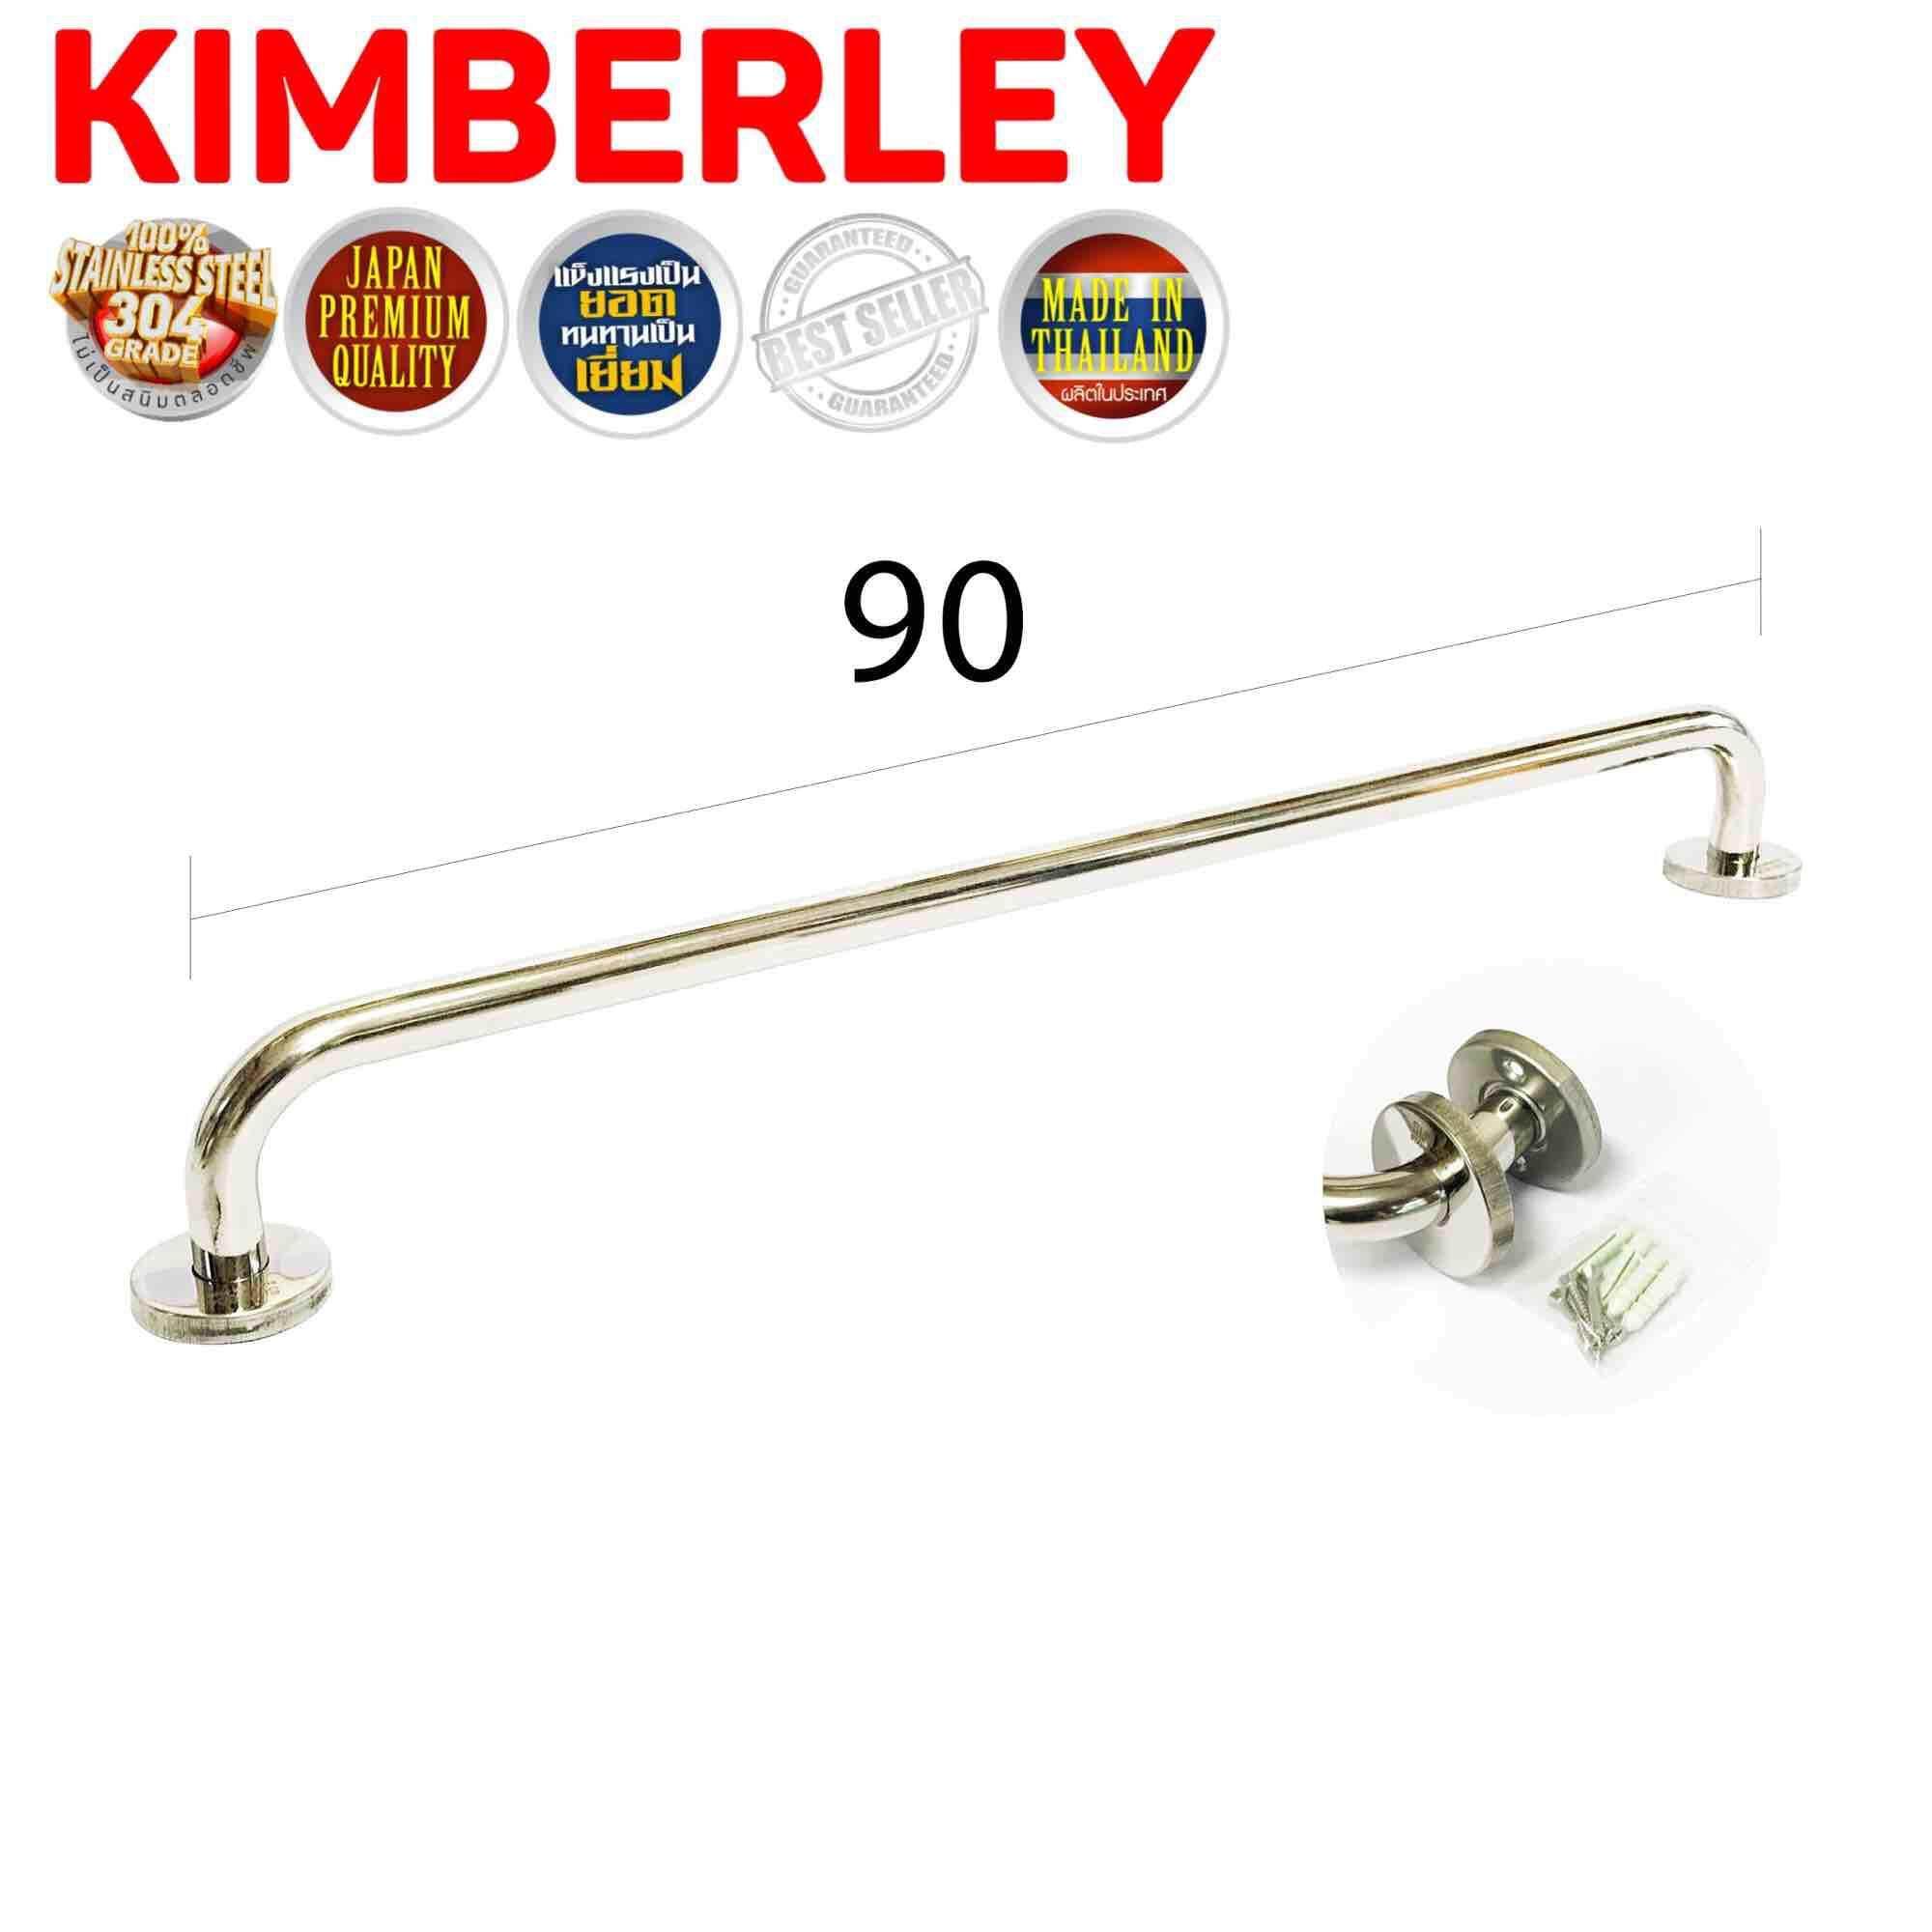 Kimberley ราวแขวนผ้า ราวแขวนอเนกประสงค์ สแตนเลสแท้ No.789-90cm Ps (sus 304 Japan).